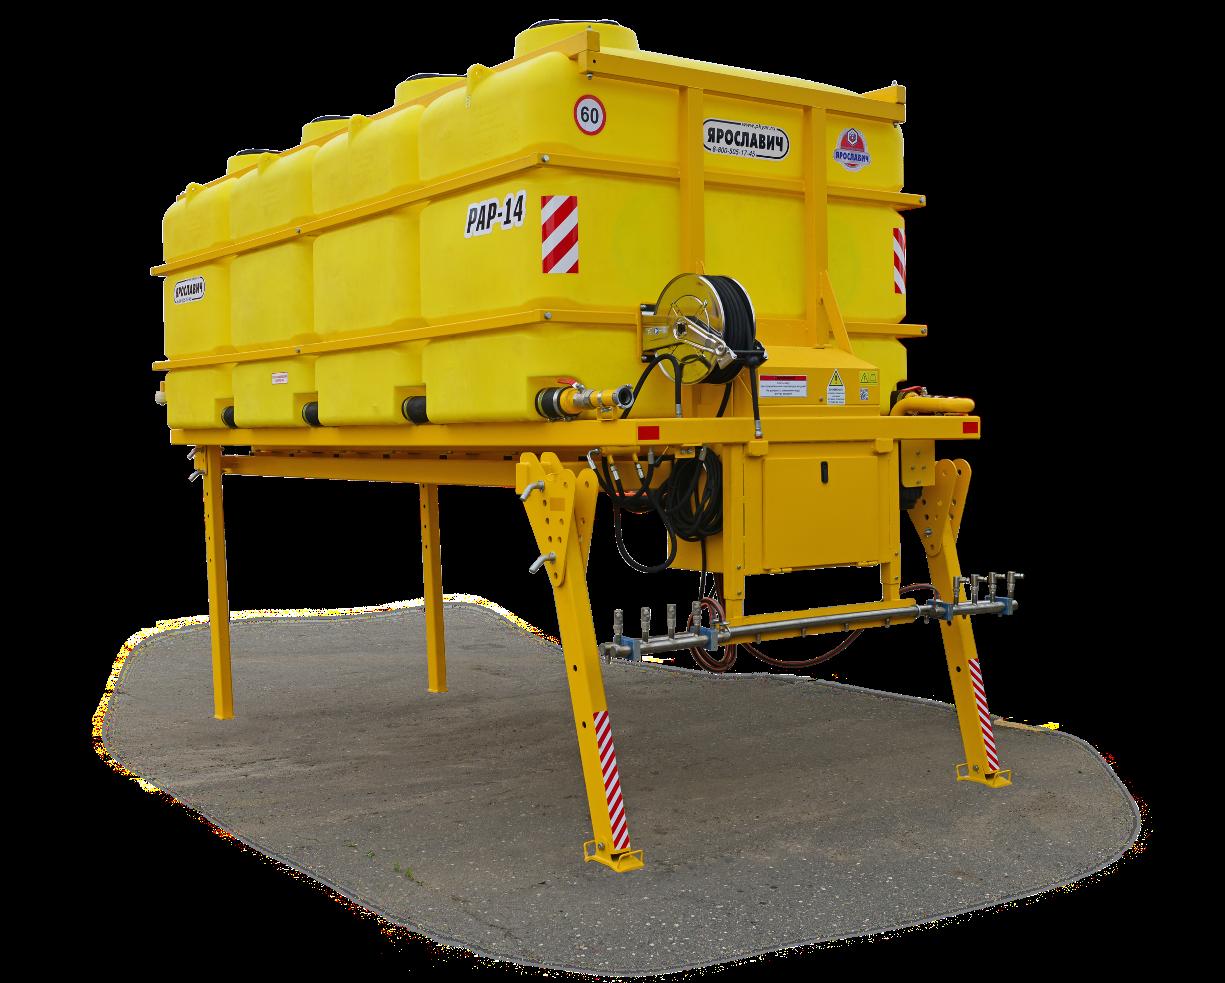 Емкость для поливомоечного оборудования РАР-14